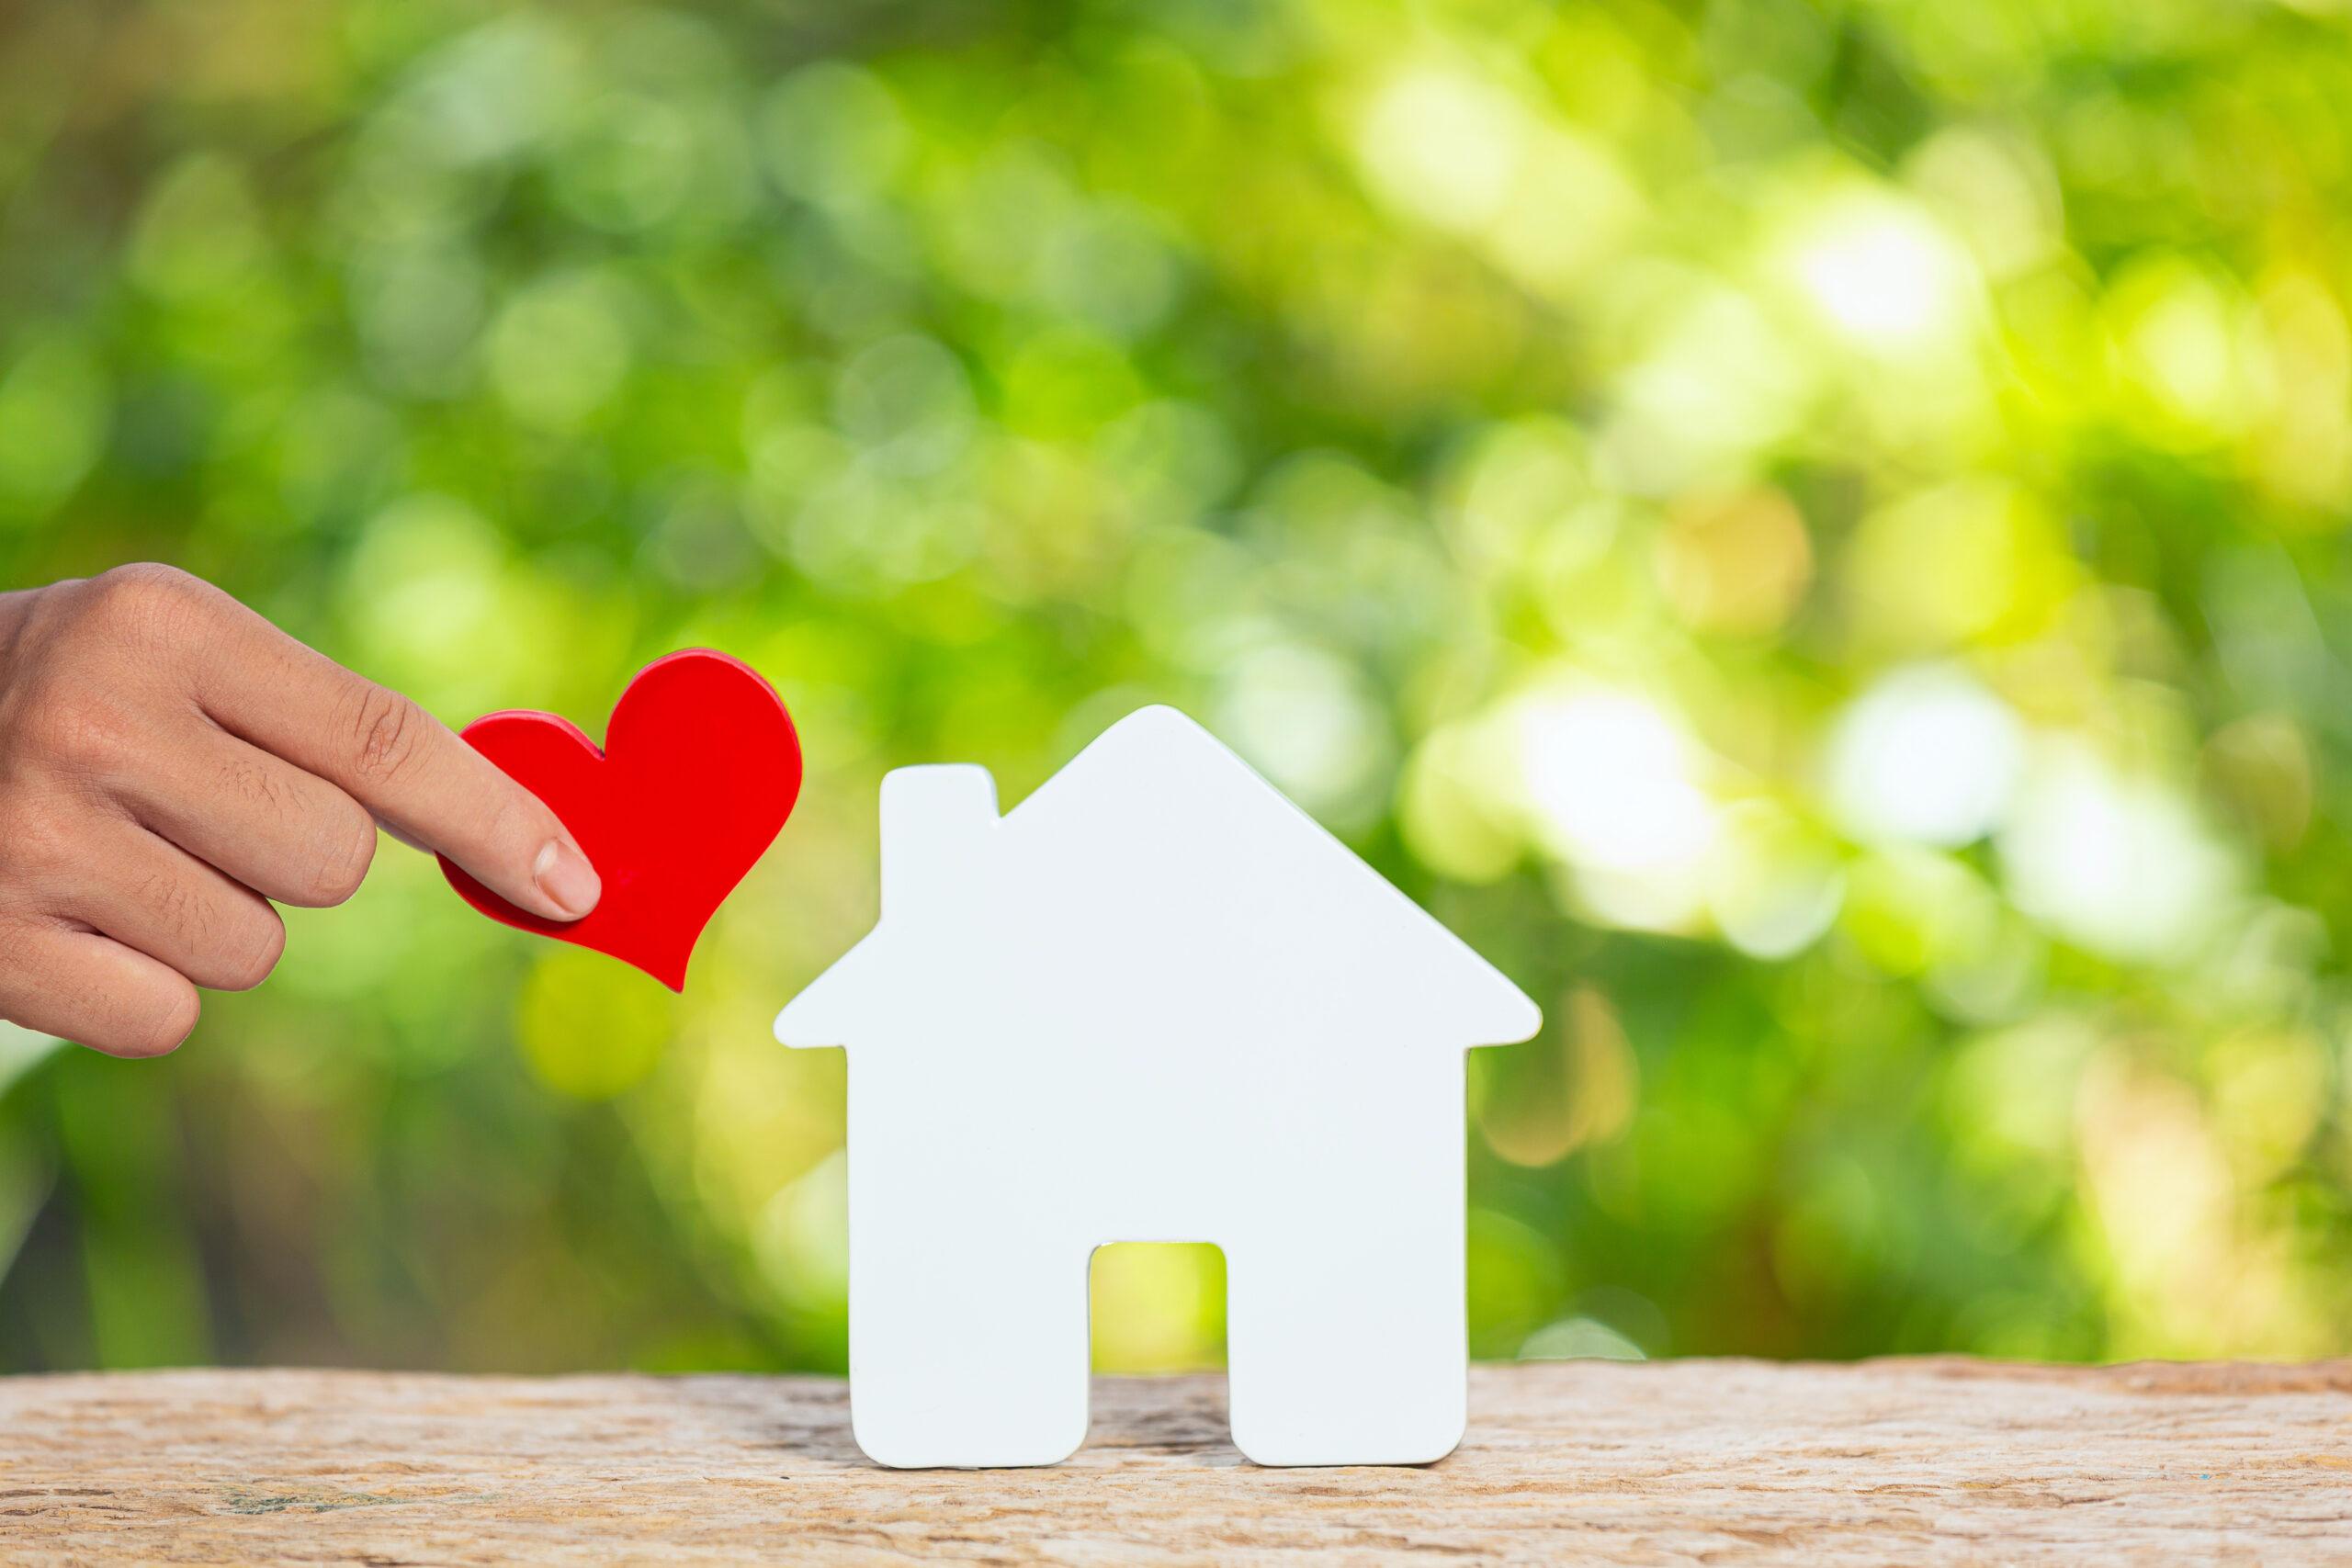 Hogar seguro hogar: qué necesito saber antes de asegurar mi casa